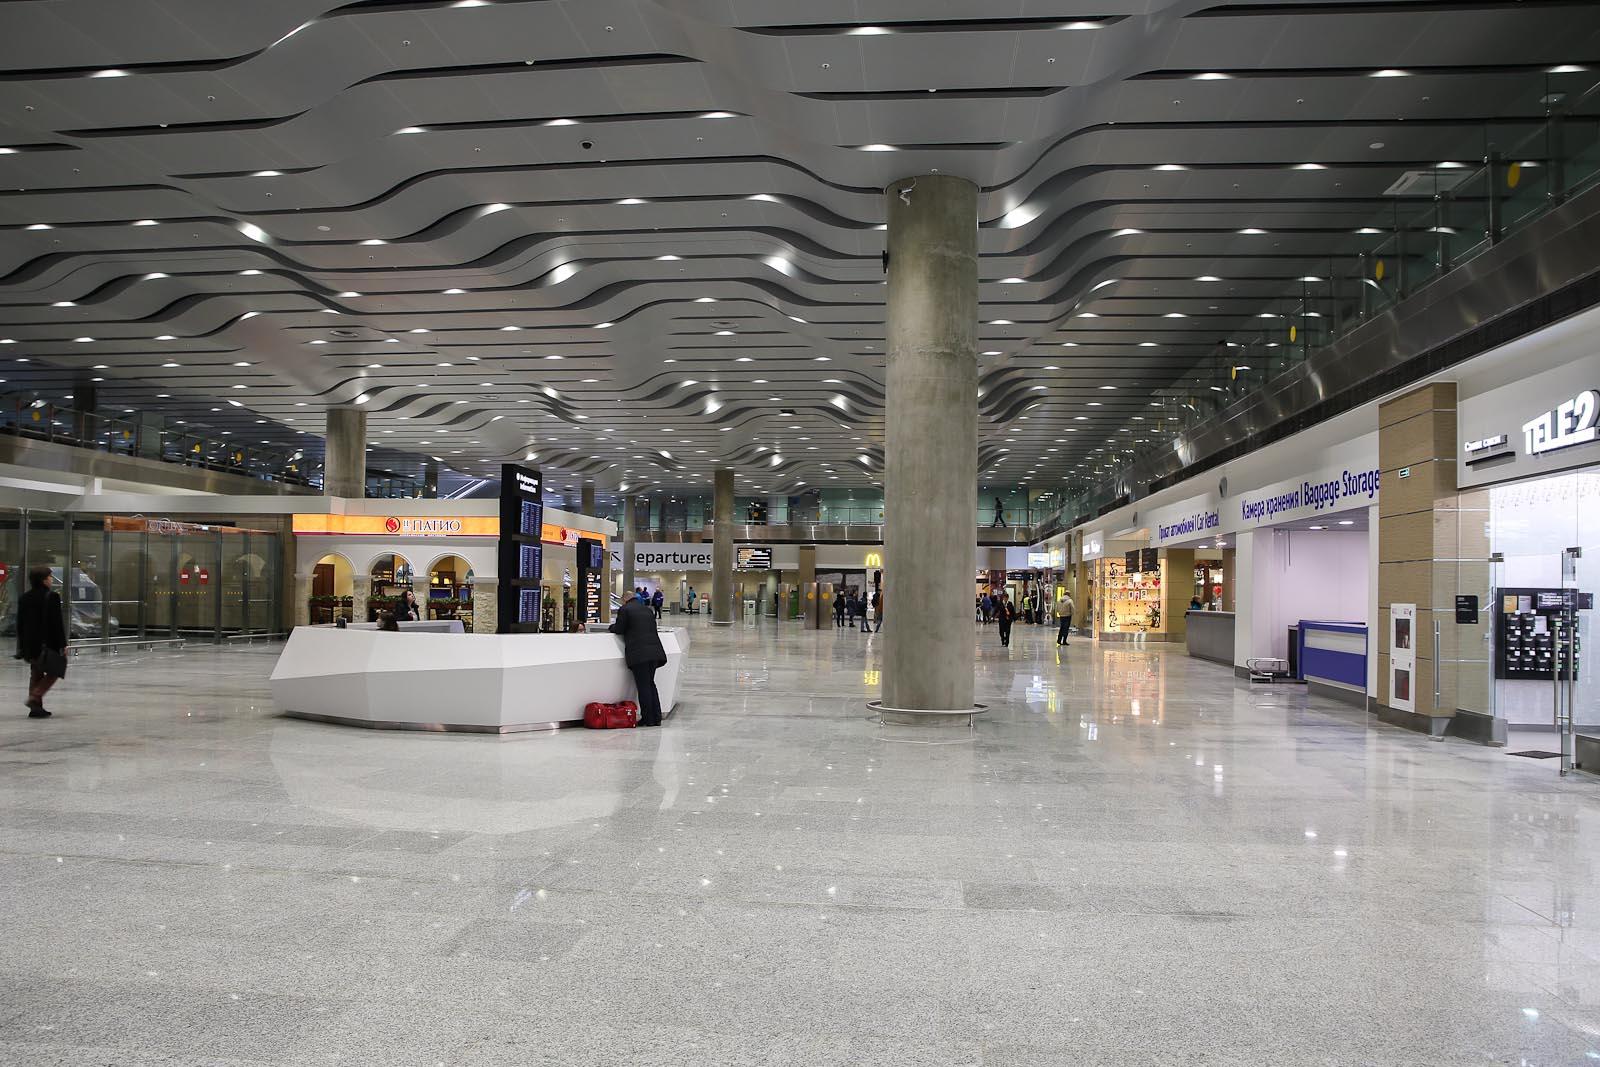 Зона прилета в новом терминале аэропорта Санкт-Петербург Пулково